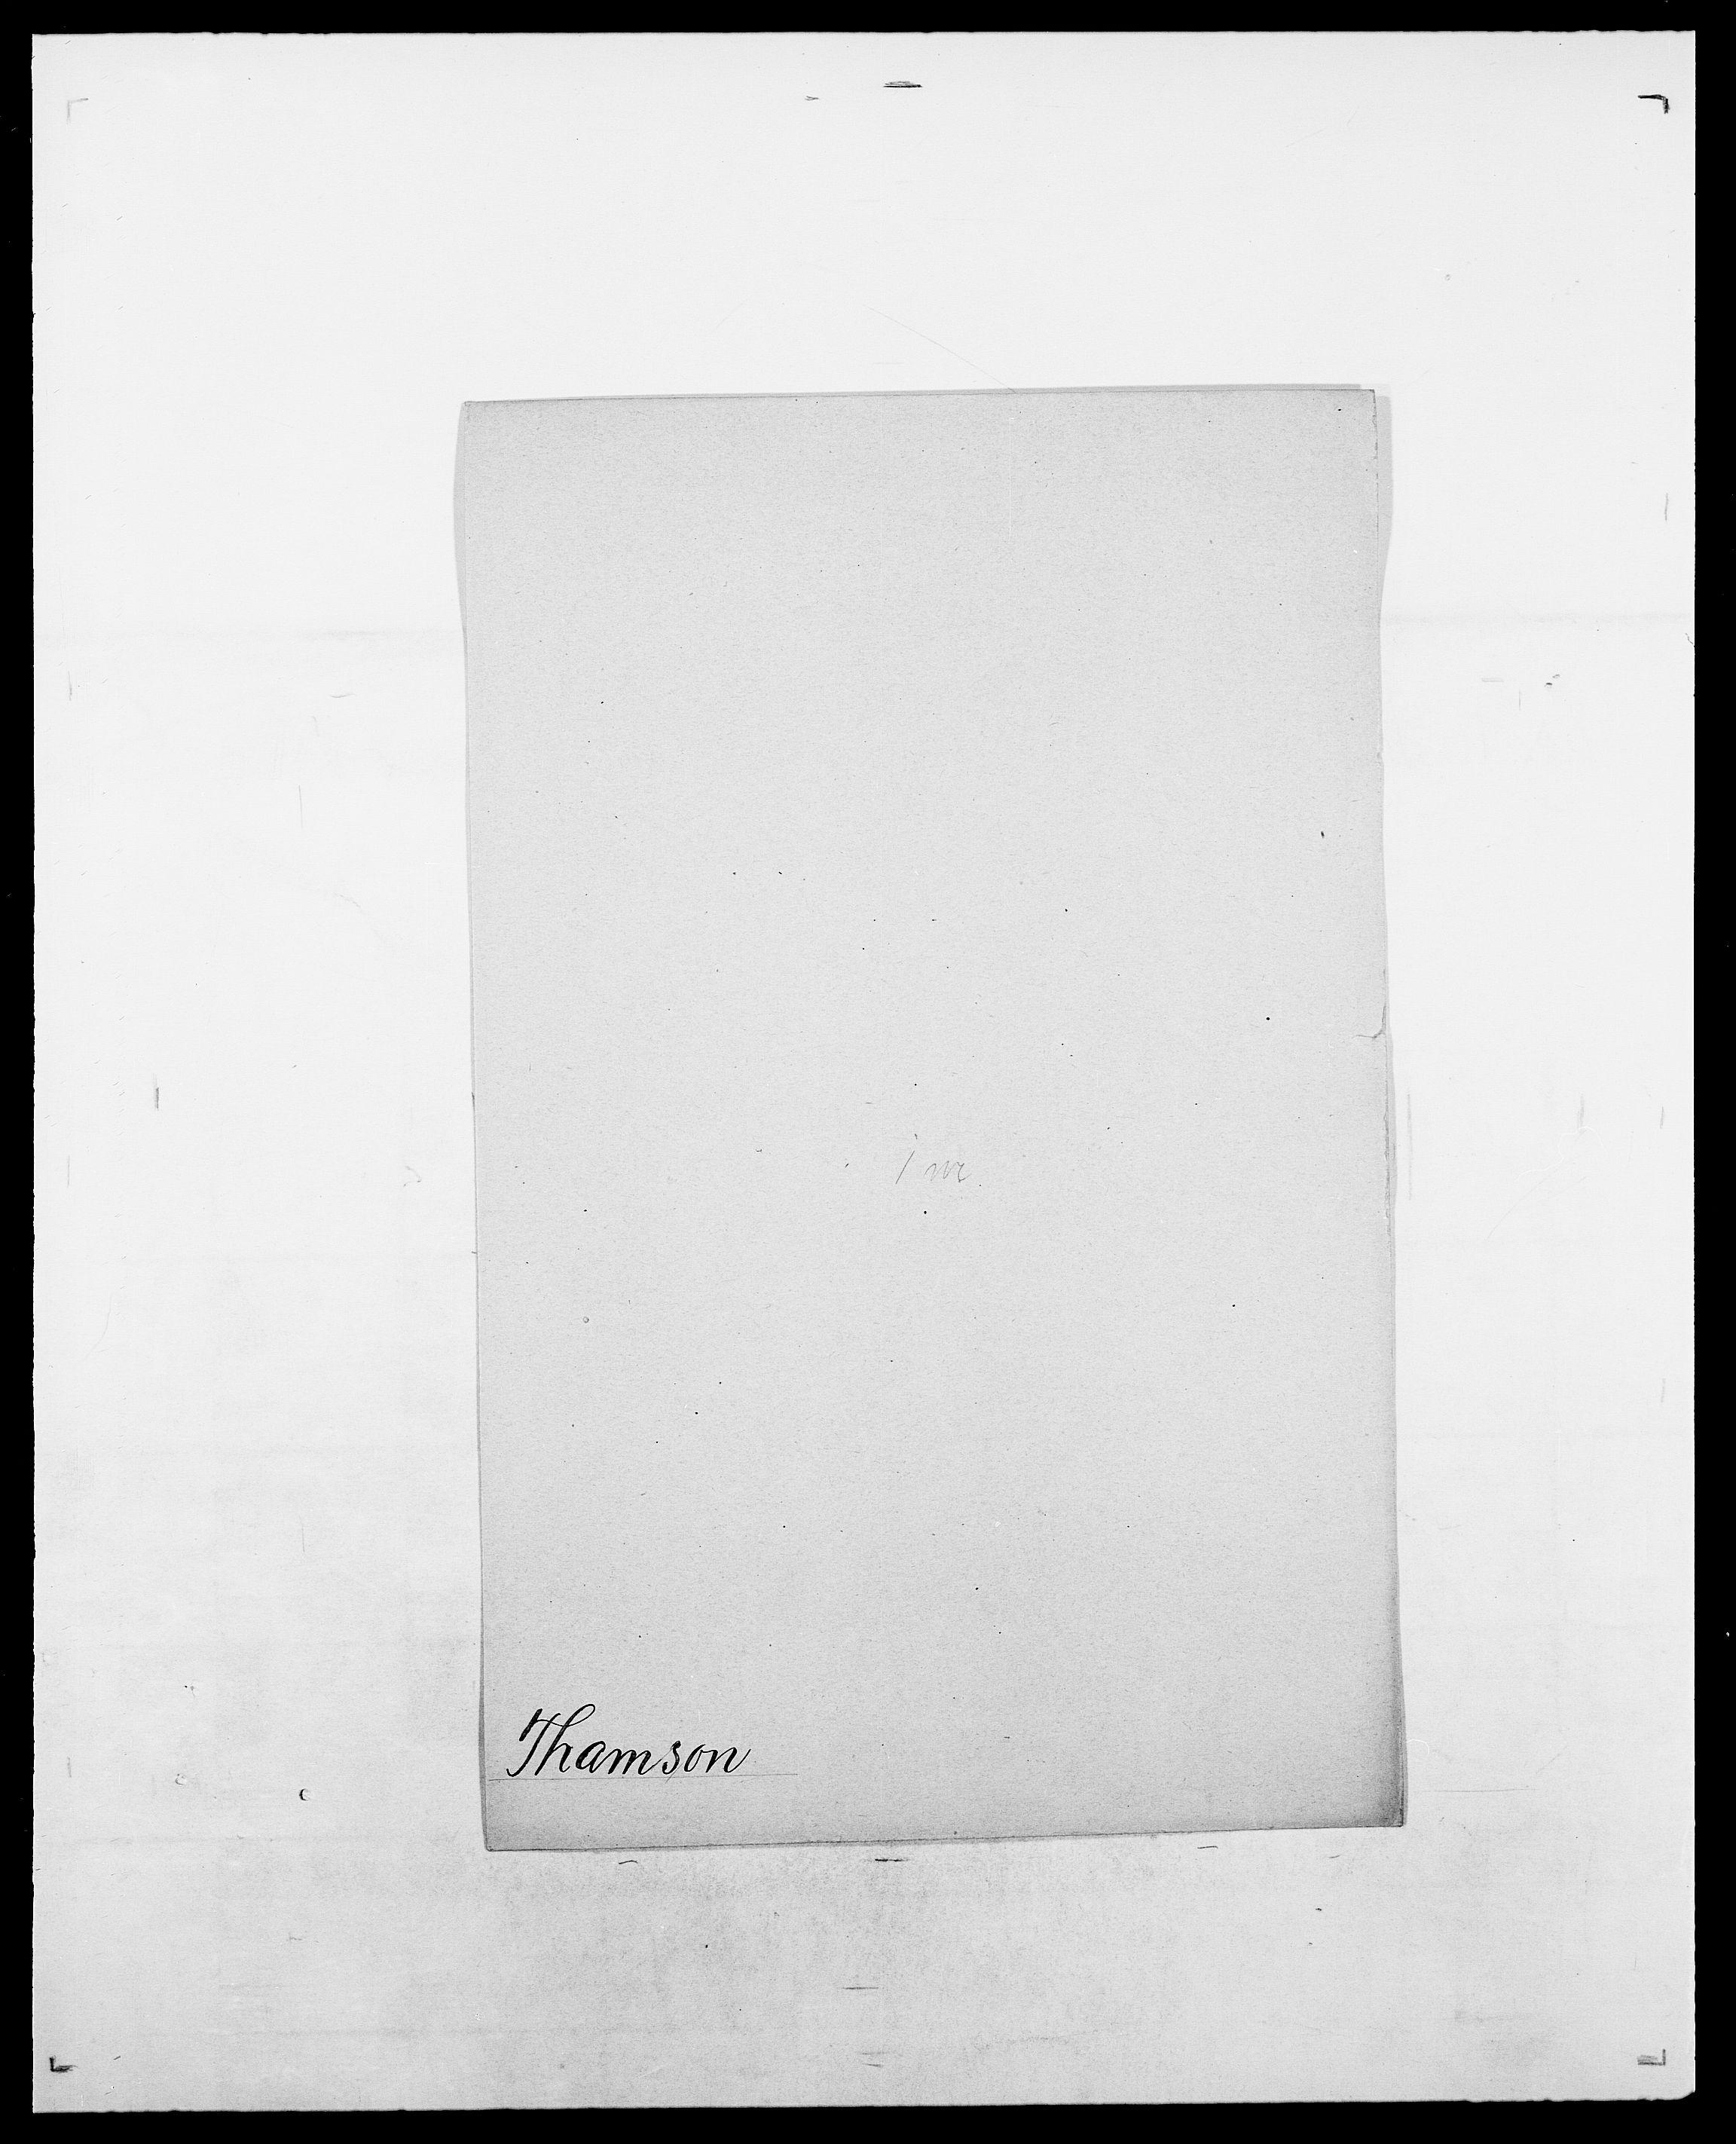 SAO, Delgobe, Charles Antoine - samling, D/Da/L0038: Svanenskjold - Thornsohn, s. 454